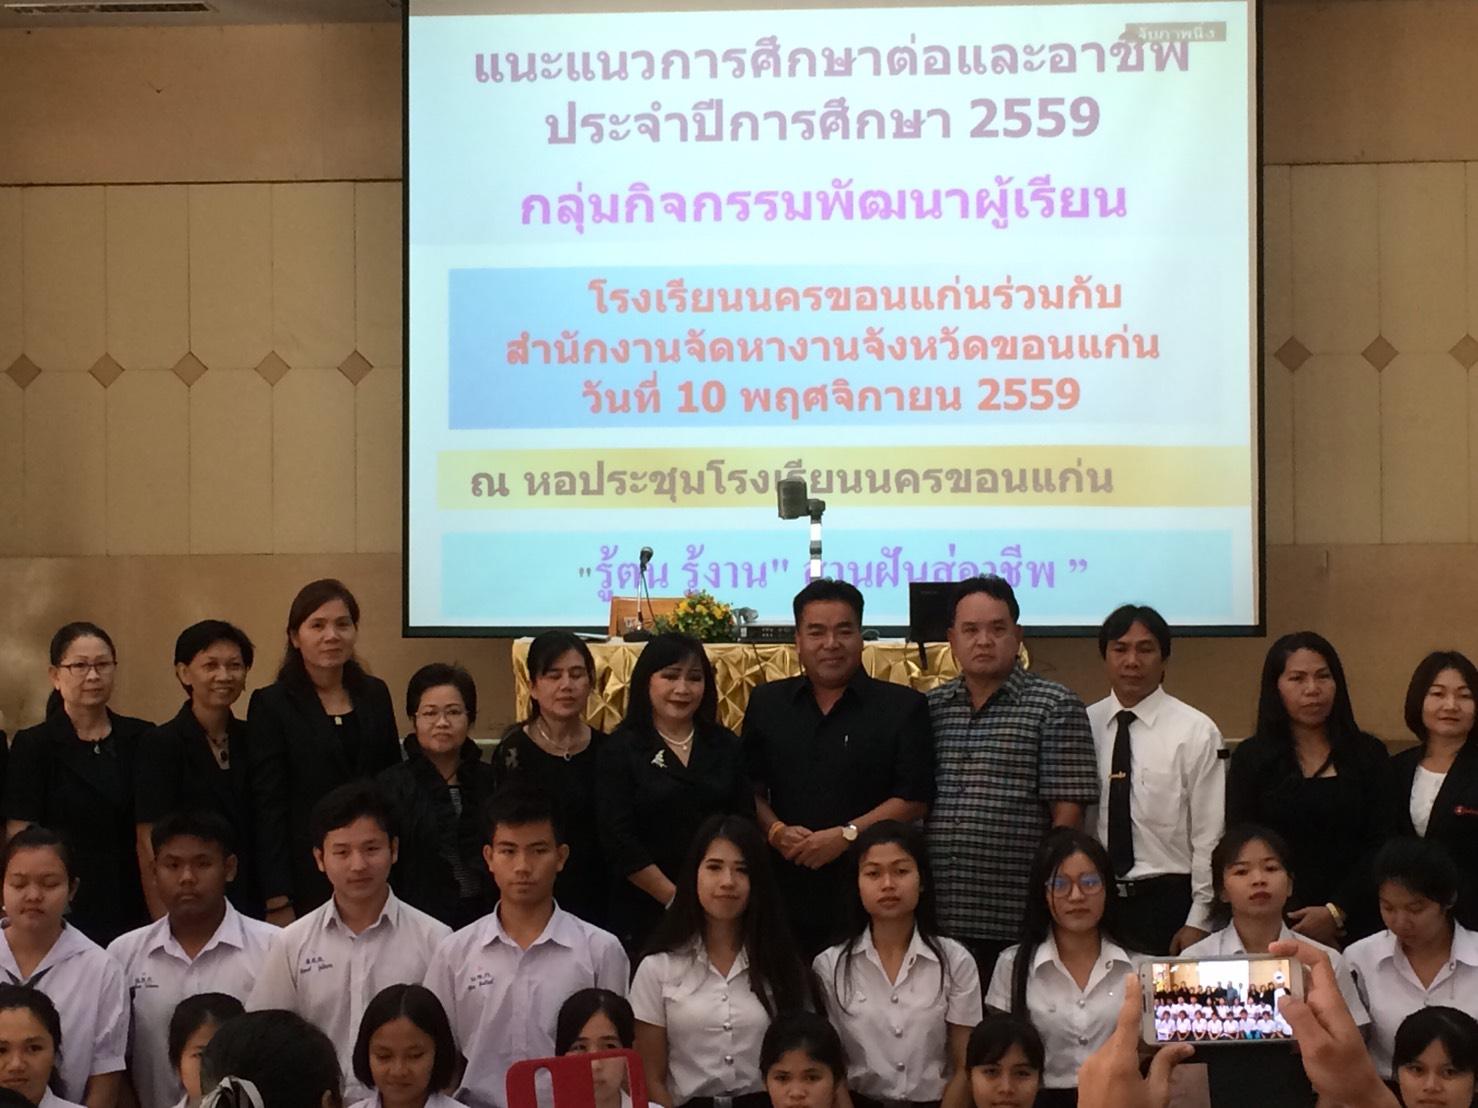 กิจกรรม วันแนะแนวอาชีพในสถานศึกษา ณ หอประชุมโรงเรียนนครขอนแก่น